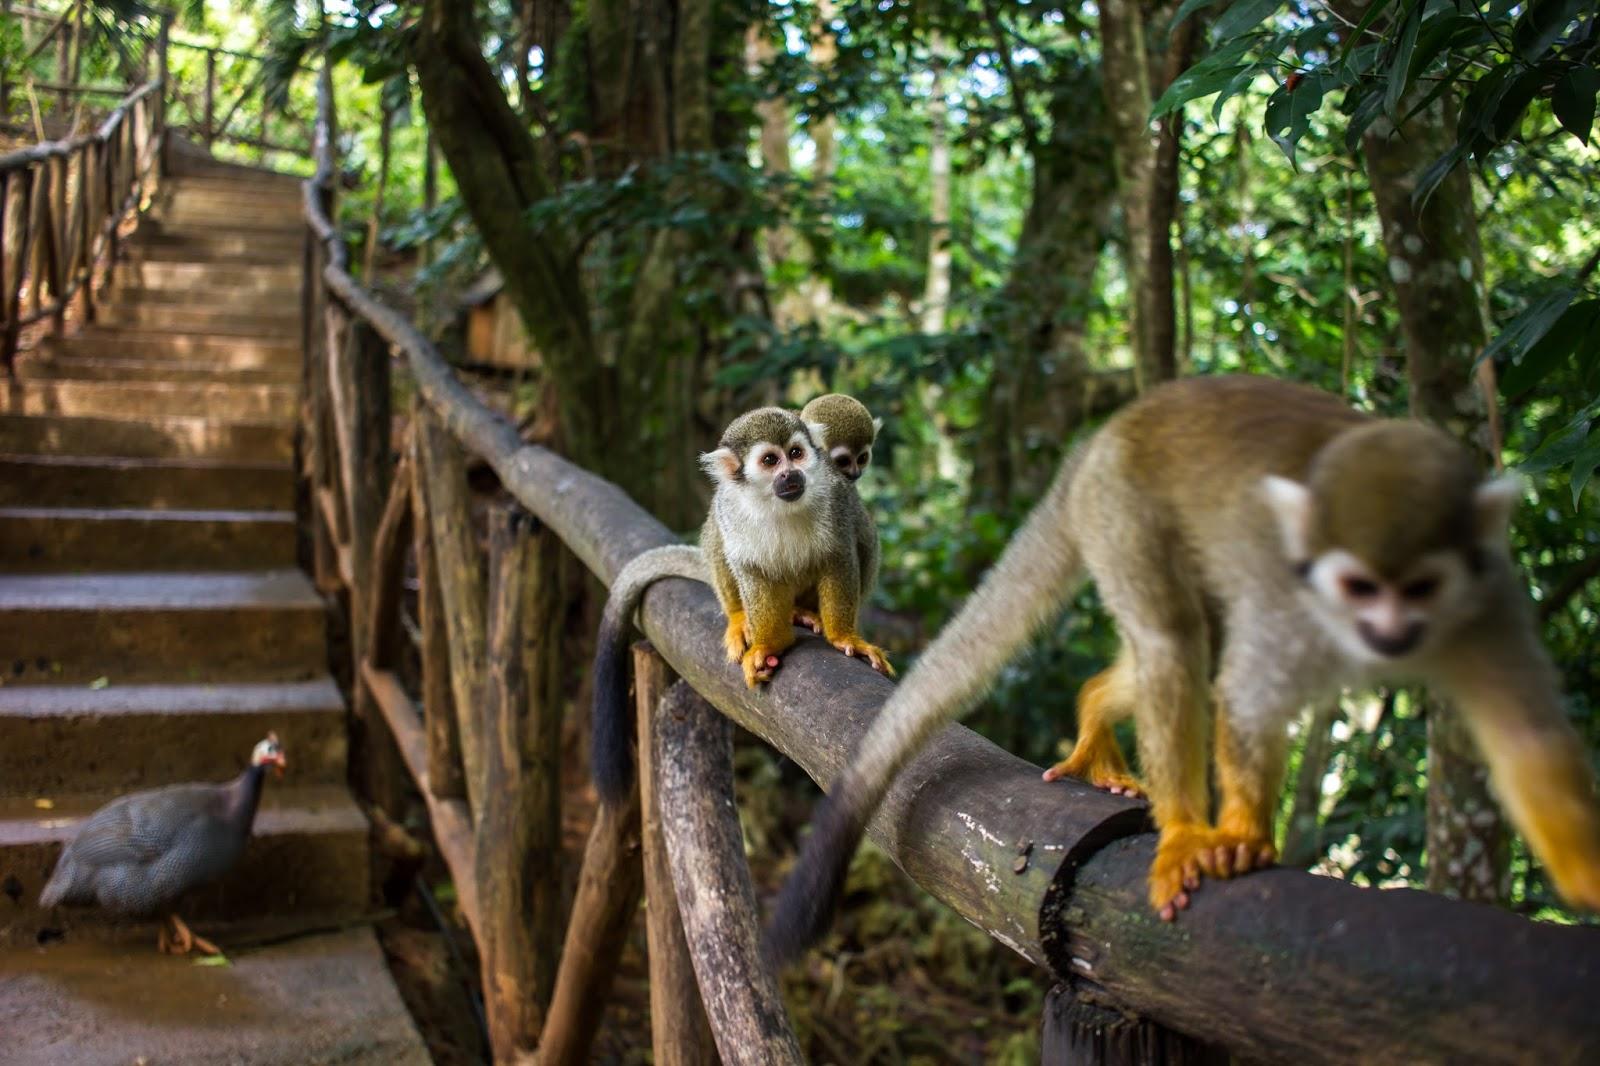 Monkey jungle Sosua Dominican Republic